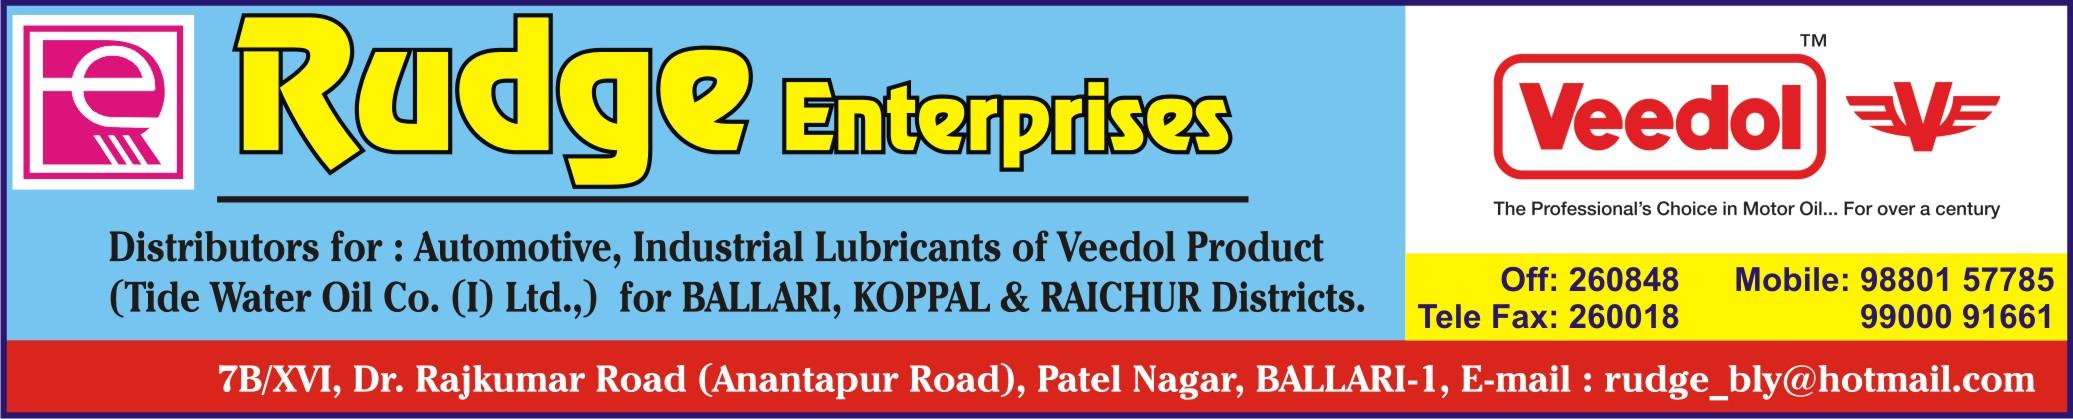 Rudge Enterprises